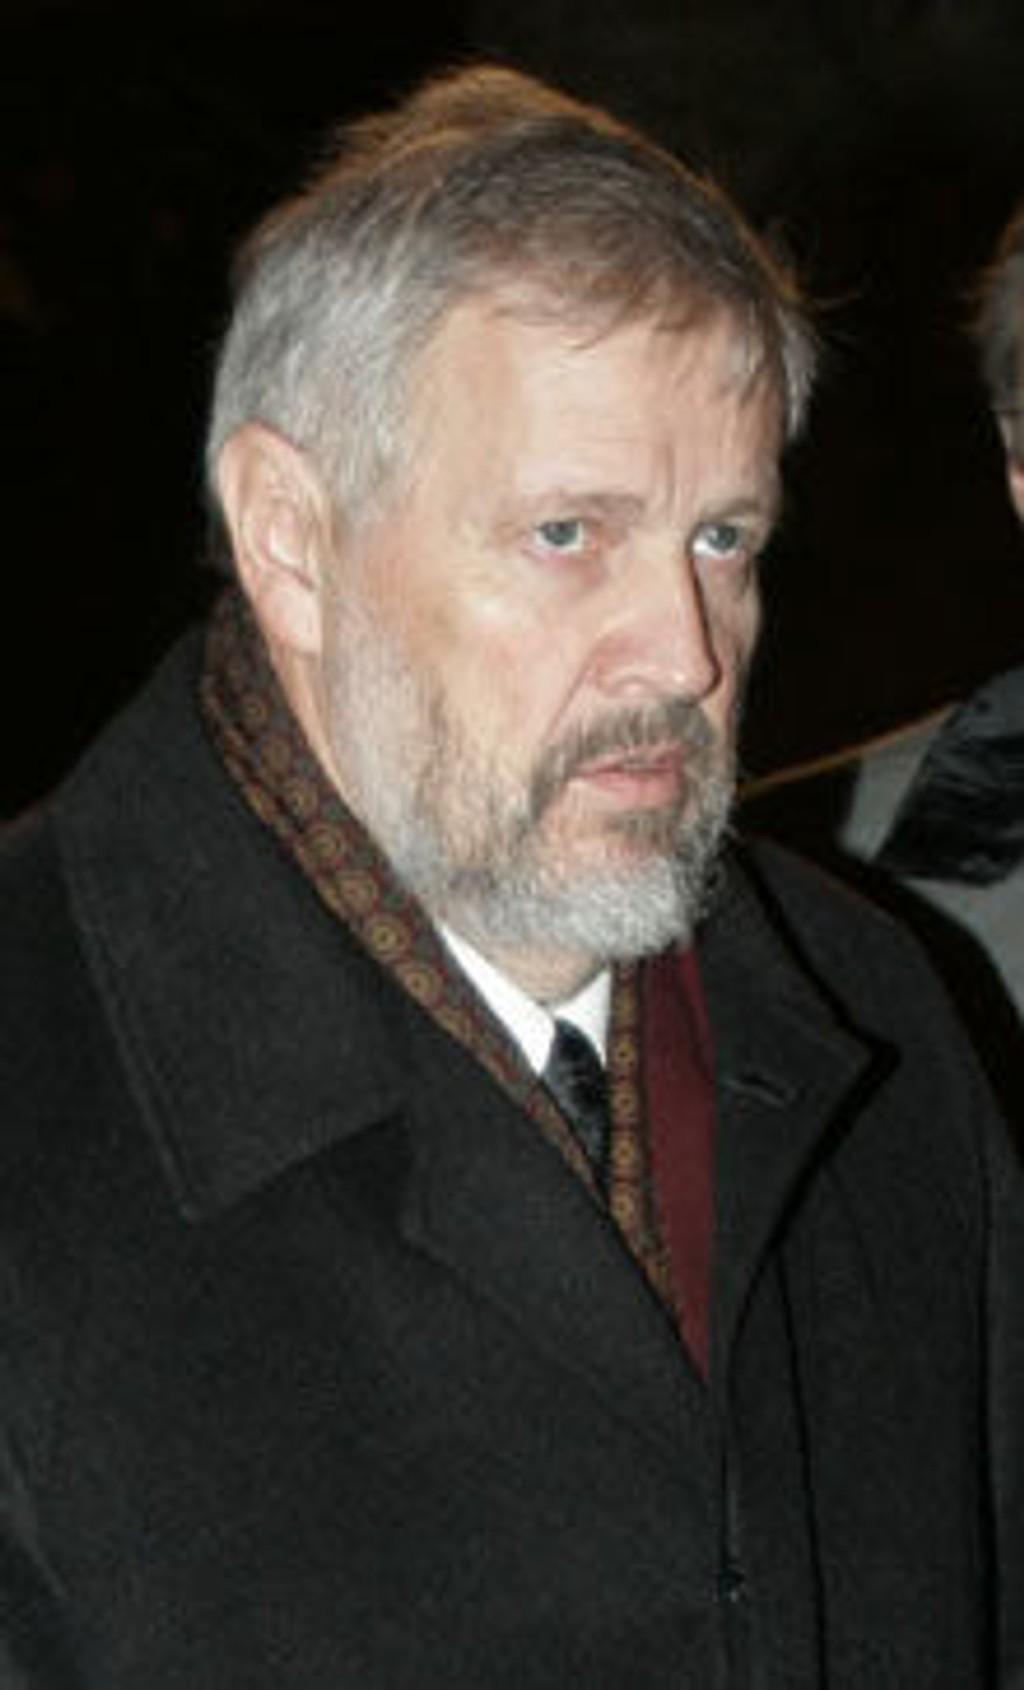 John Lilletun under åpning av Hundreårsmarkeringen for oppløsningen av unionen i Drammen Teater 5. februar 2005.